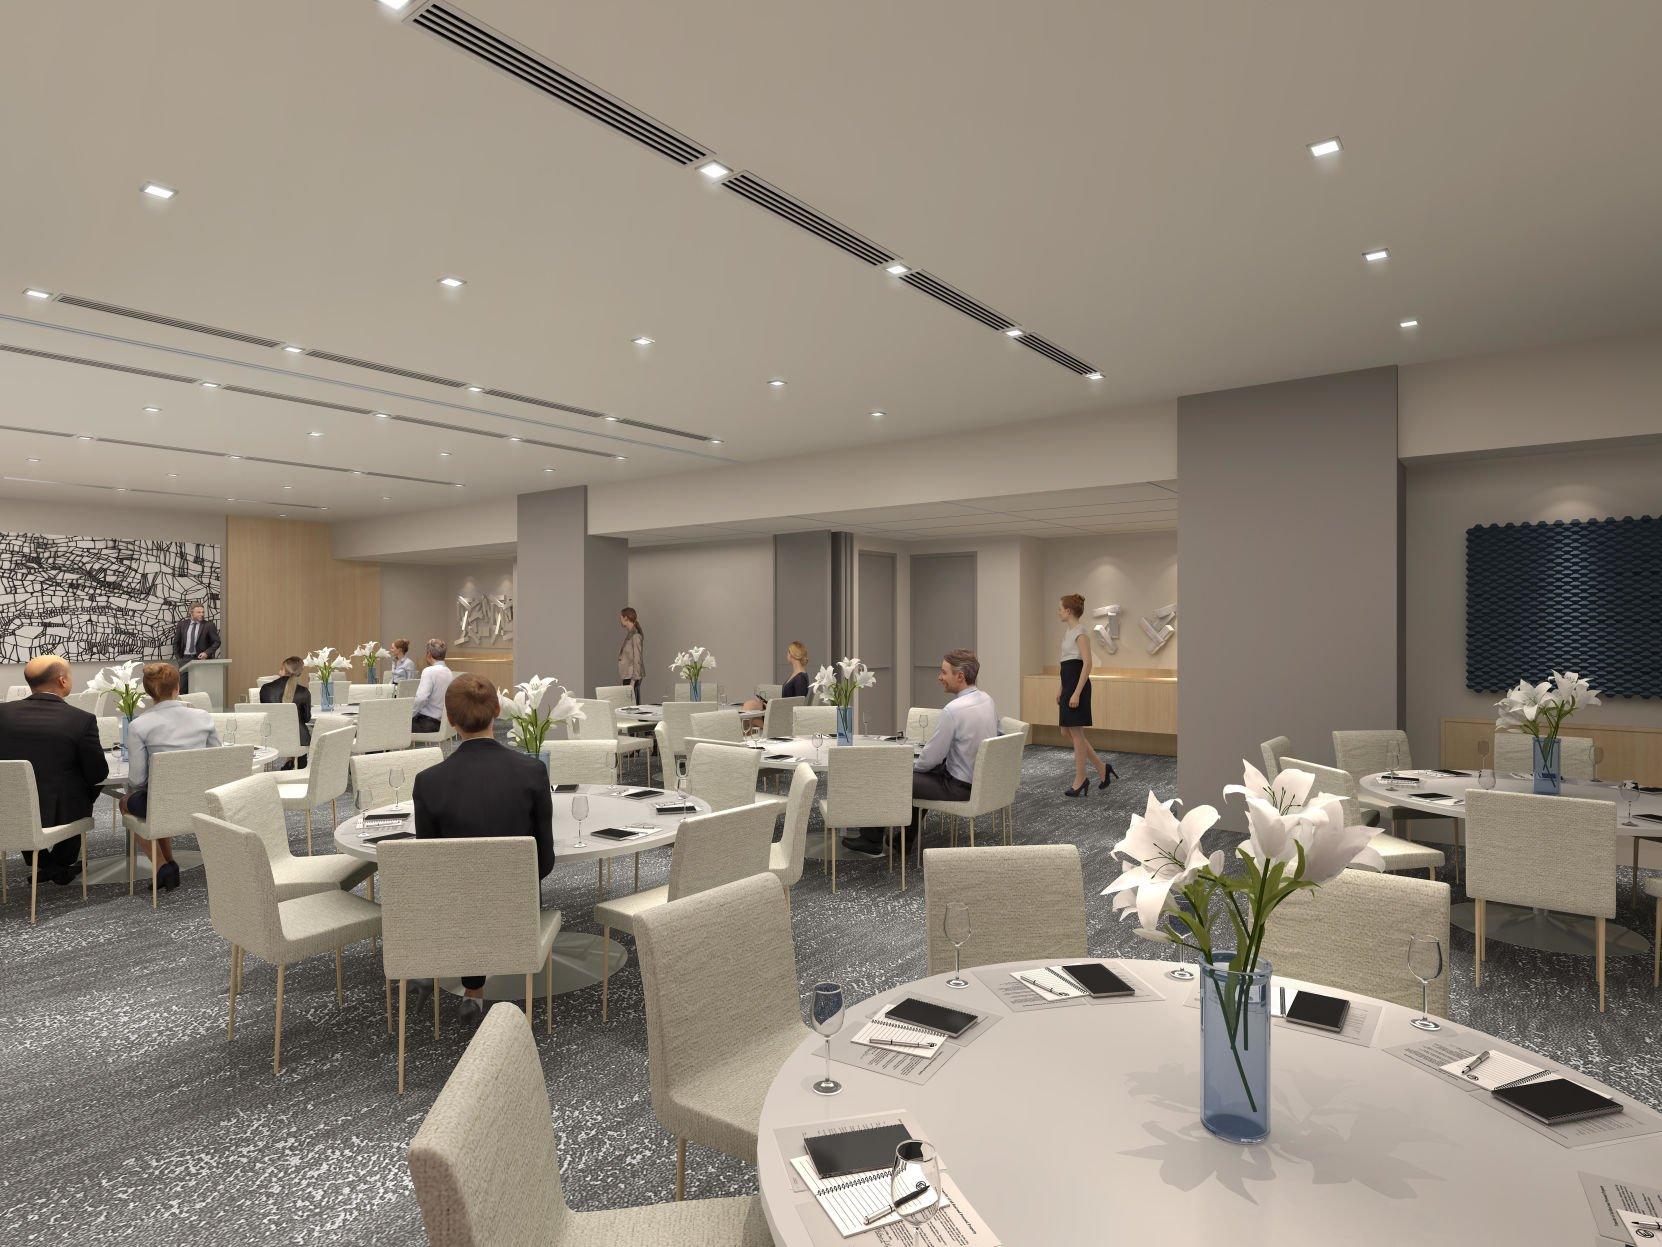 AC Hotel aumenta sus inversiones en nuevos espacios